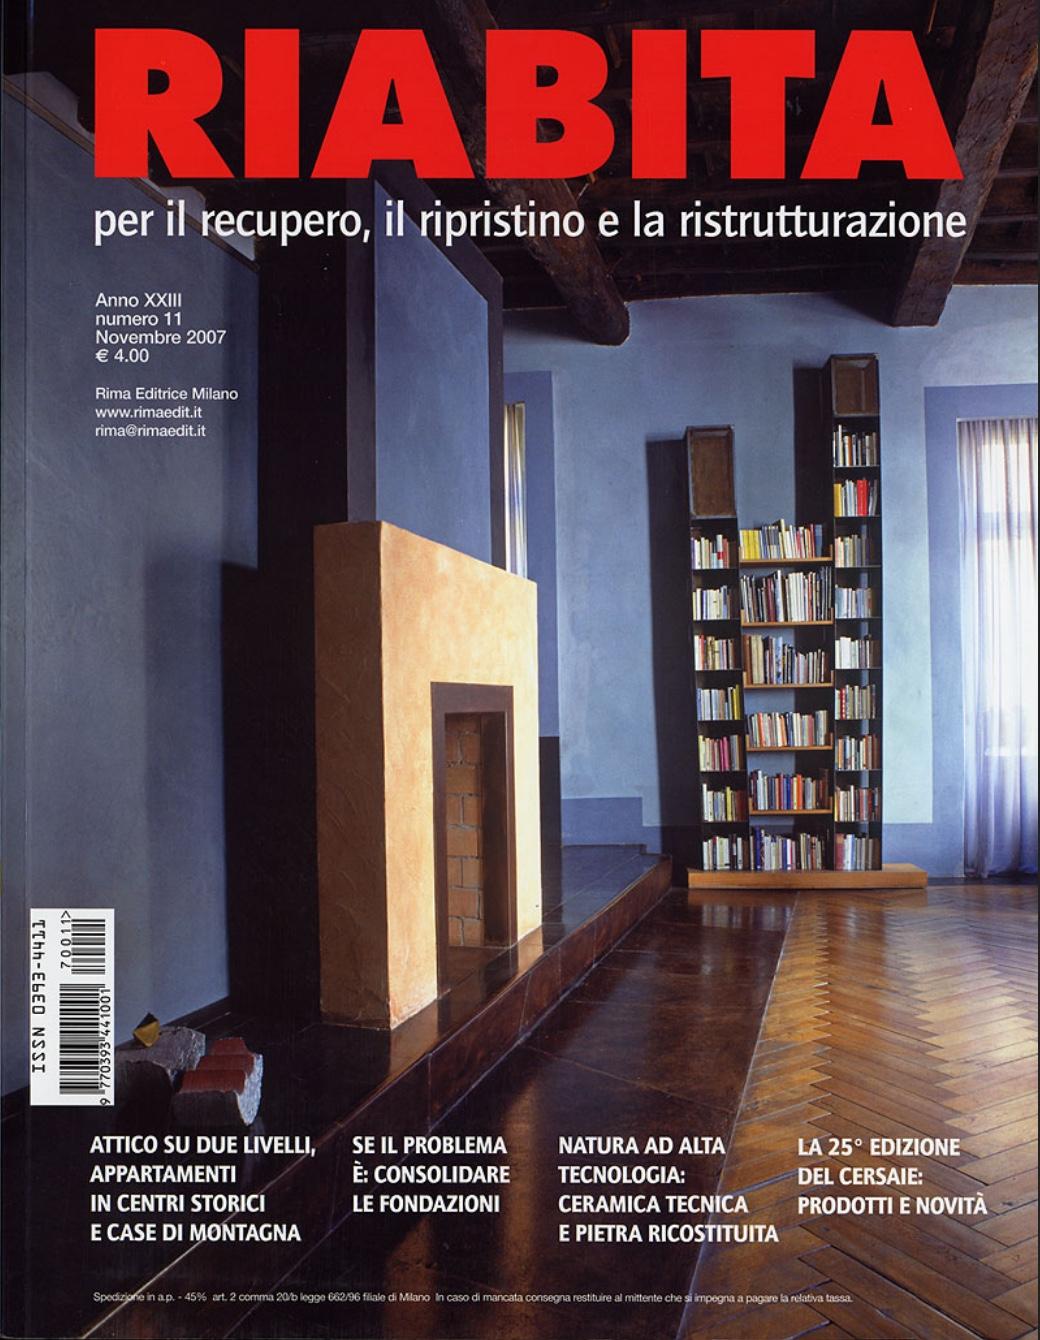 Riabita n. 11, novembre 2007, pp.22-27